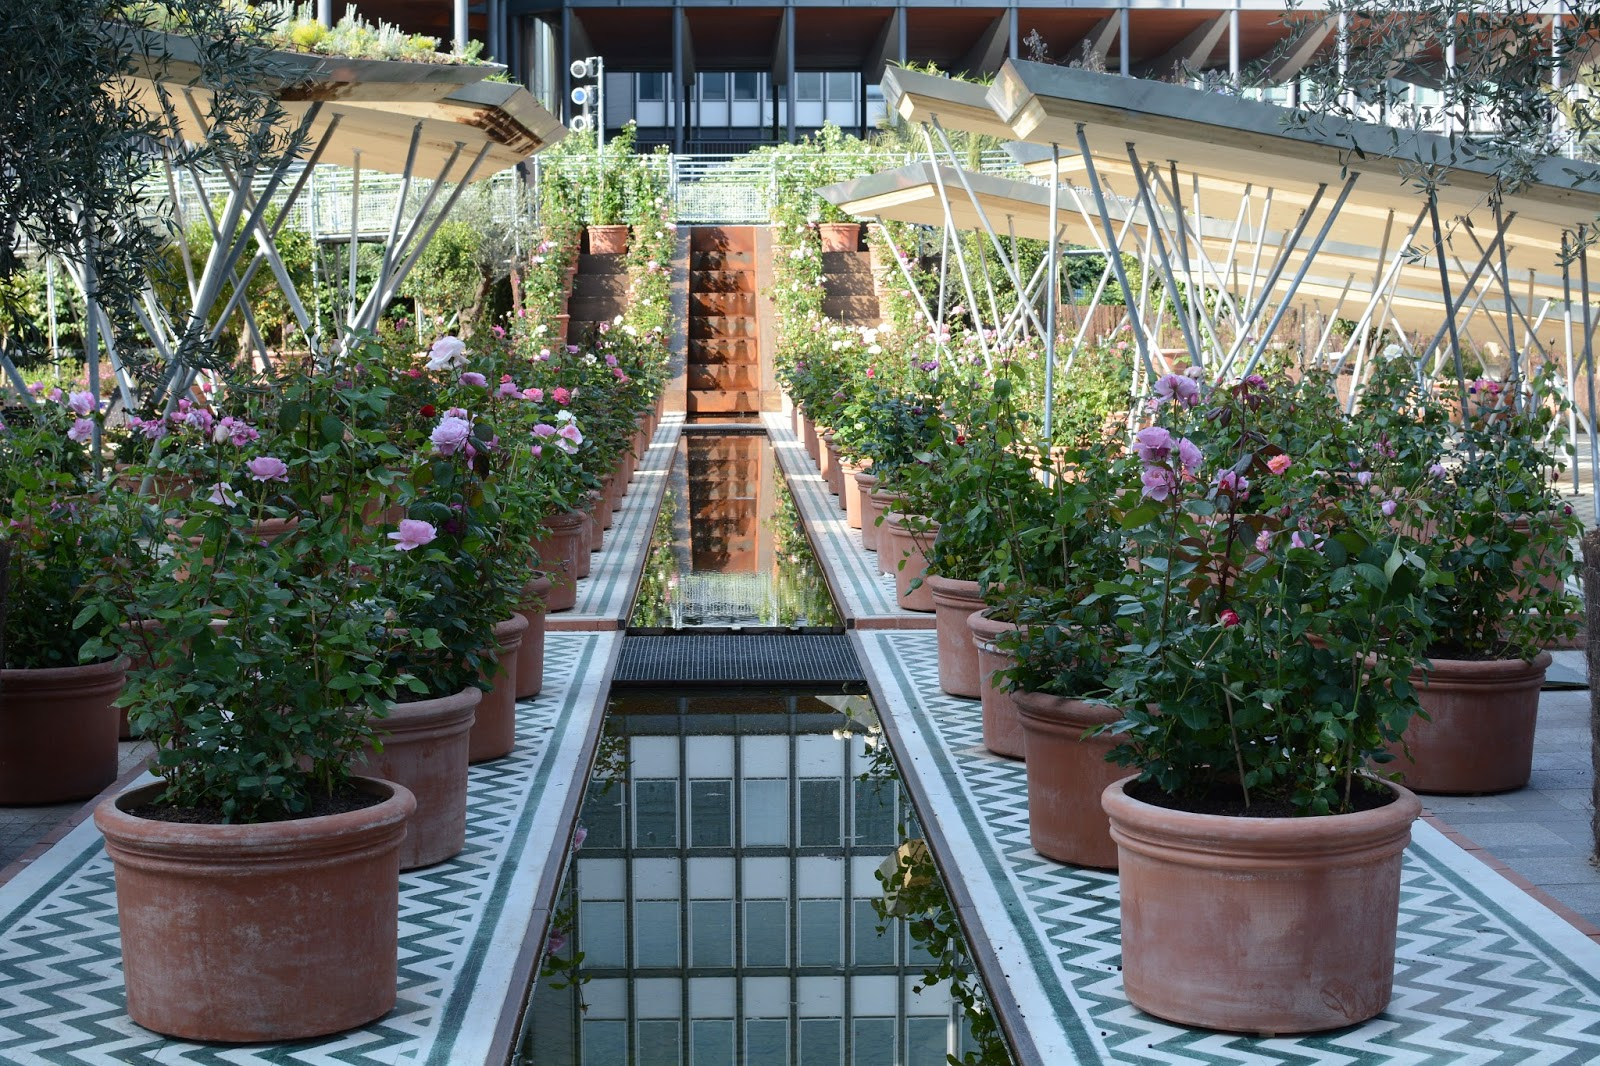 Positive Eating Positive Living Jardins Dorient A Linstitut Du - Jardin-arabe